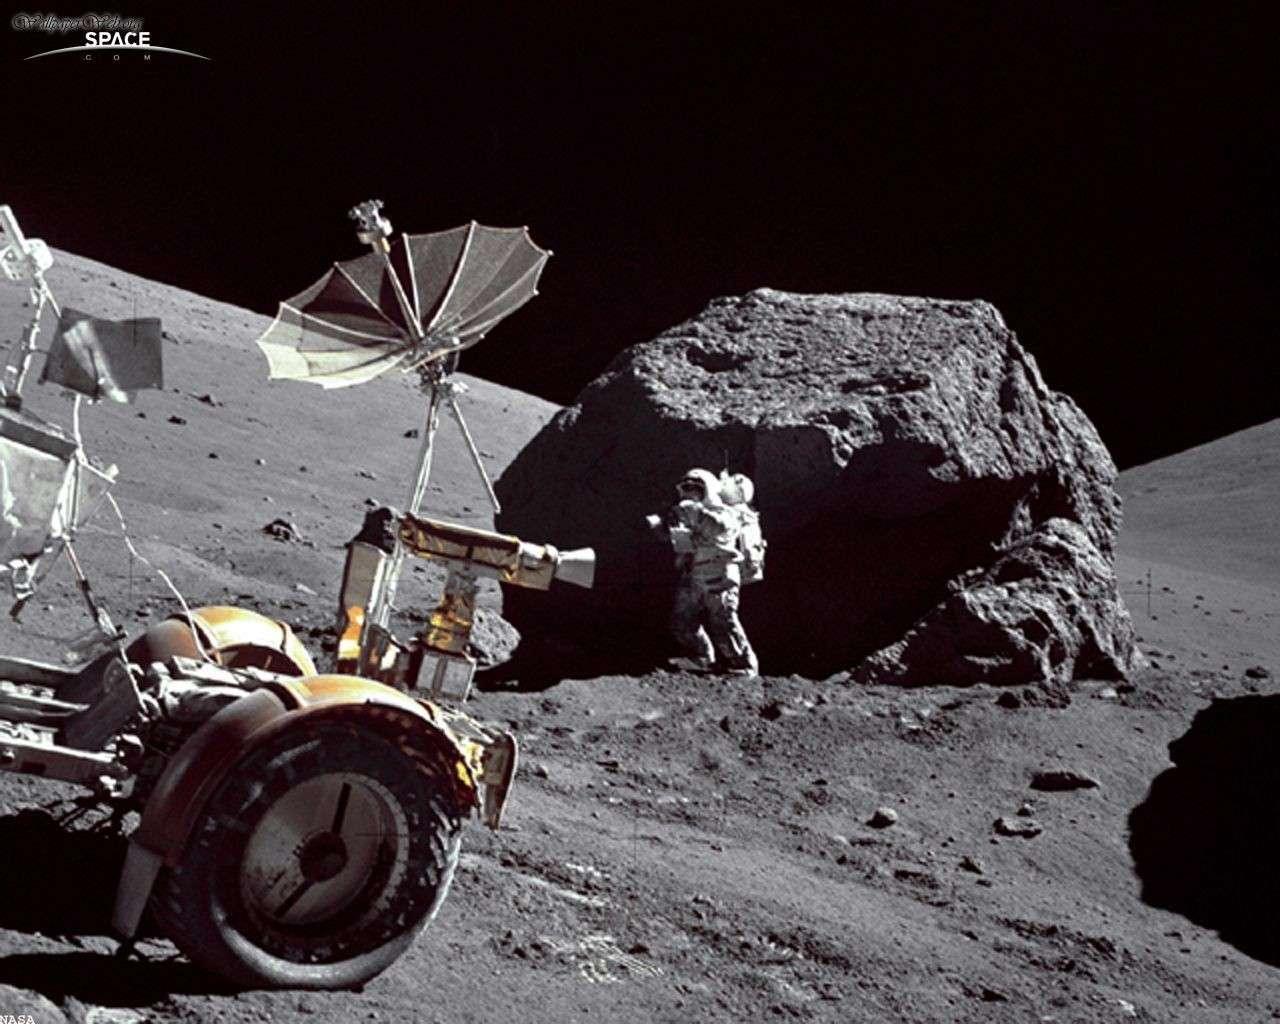 Au cours de la mission Apollo 17 le géologue H. Schmitt explora longuement la région de Taurus Littrow à l'aide du rover pour collecter un grand nombre de roches. Il est ici photographié par le commandant de la mission, Eugene A. Cernan. Crédit Nasa